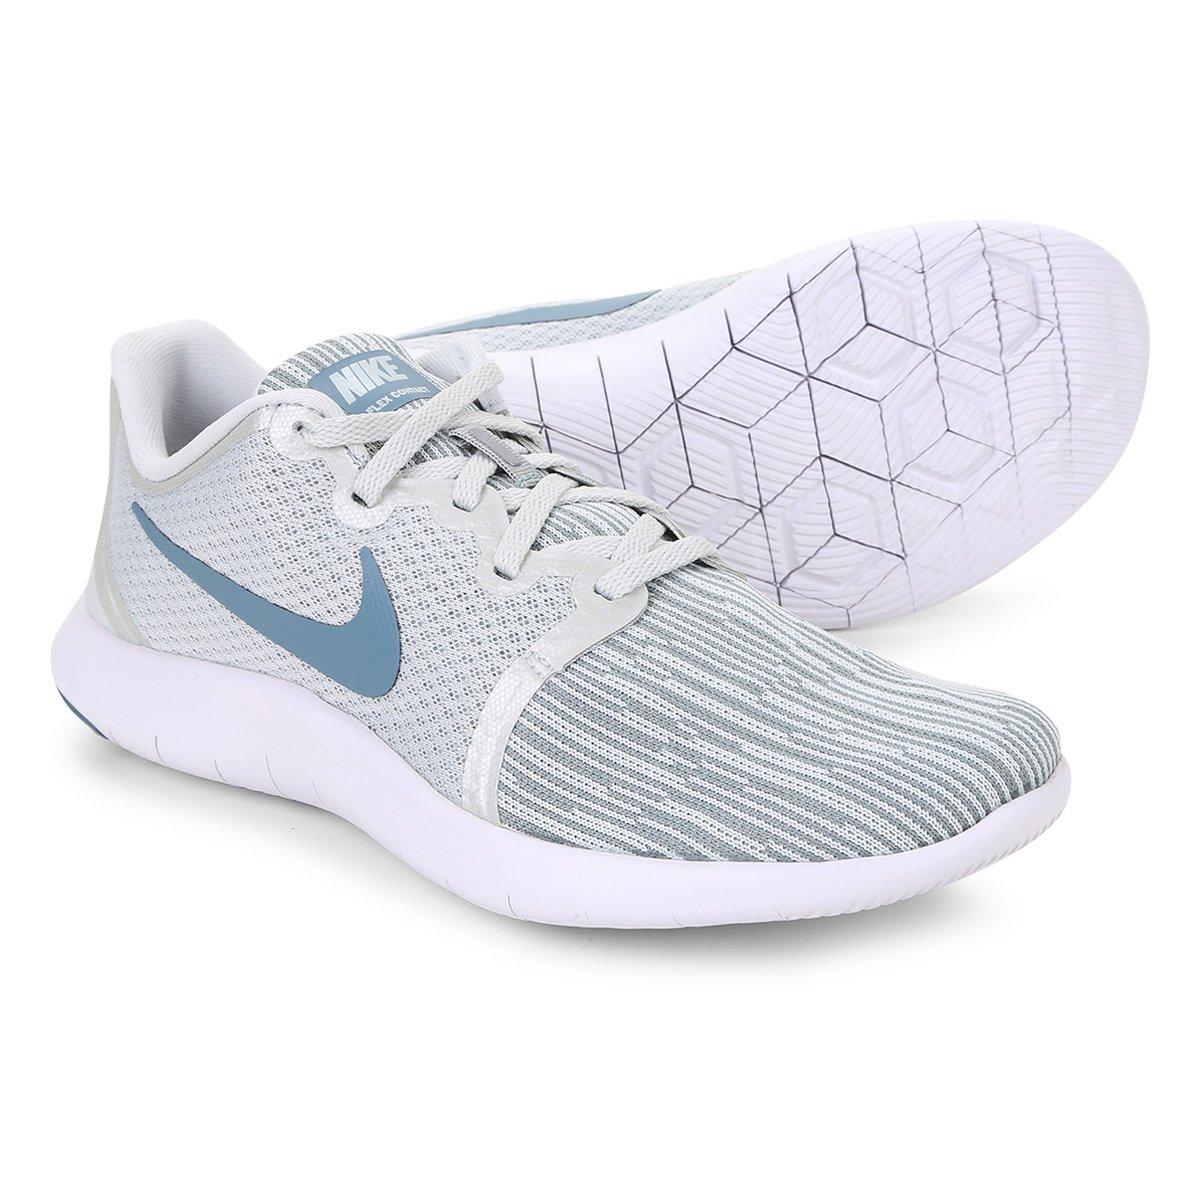 fa5d64e5280 Tênis Nike Flex Contact 2 Feminino - Branco e Azul Petróleo - Compre Agora